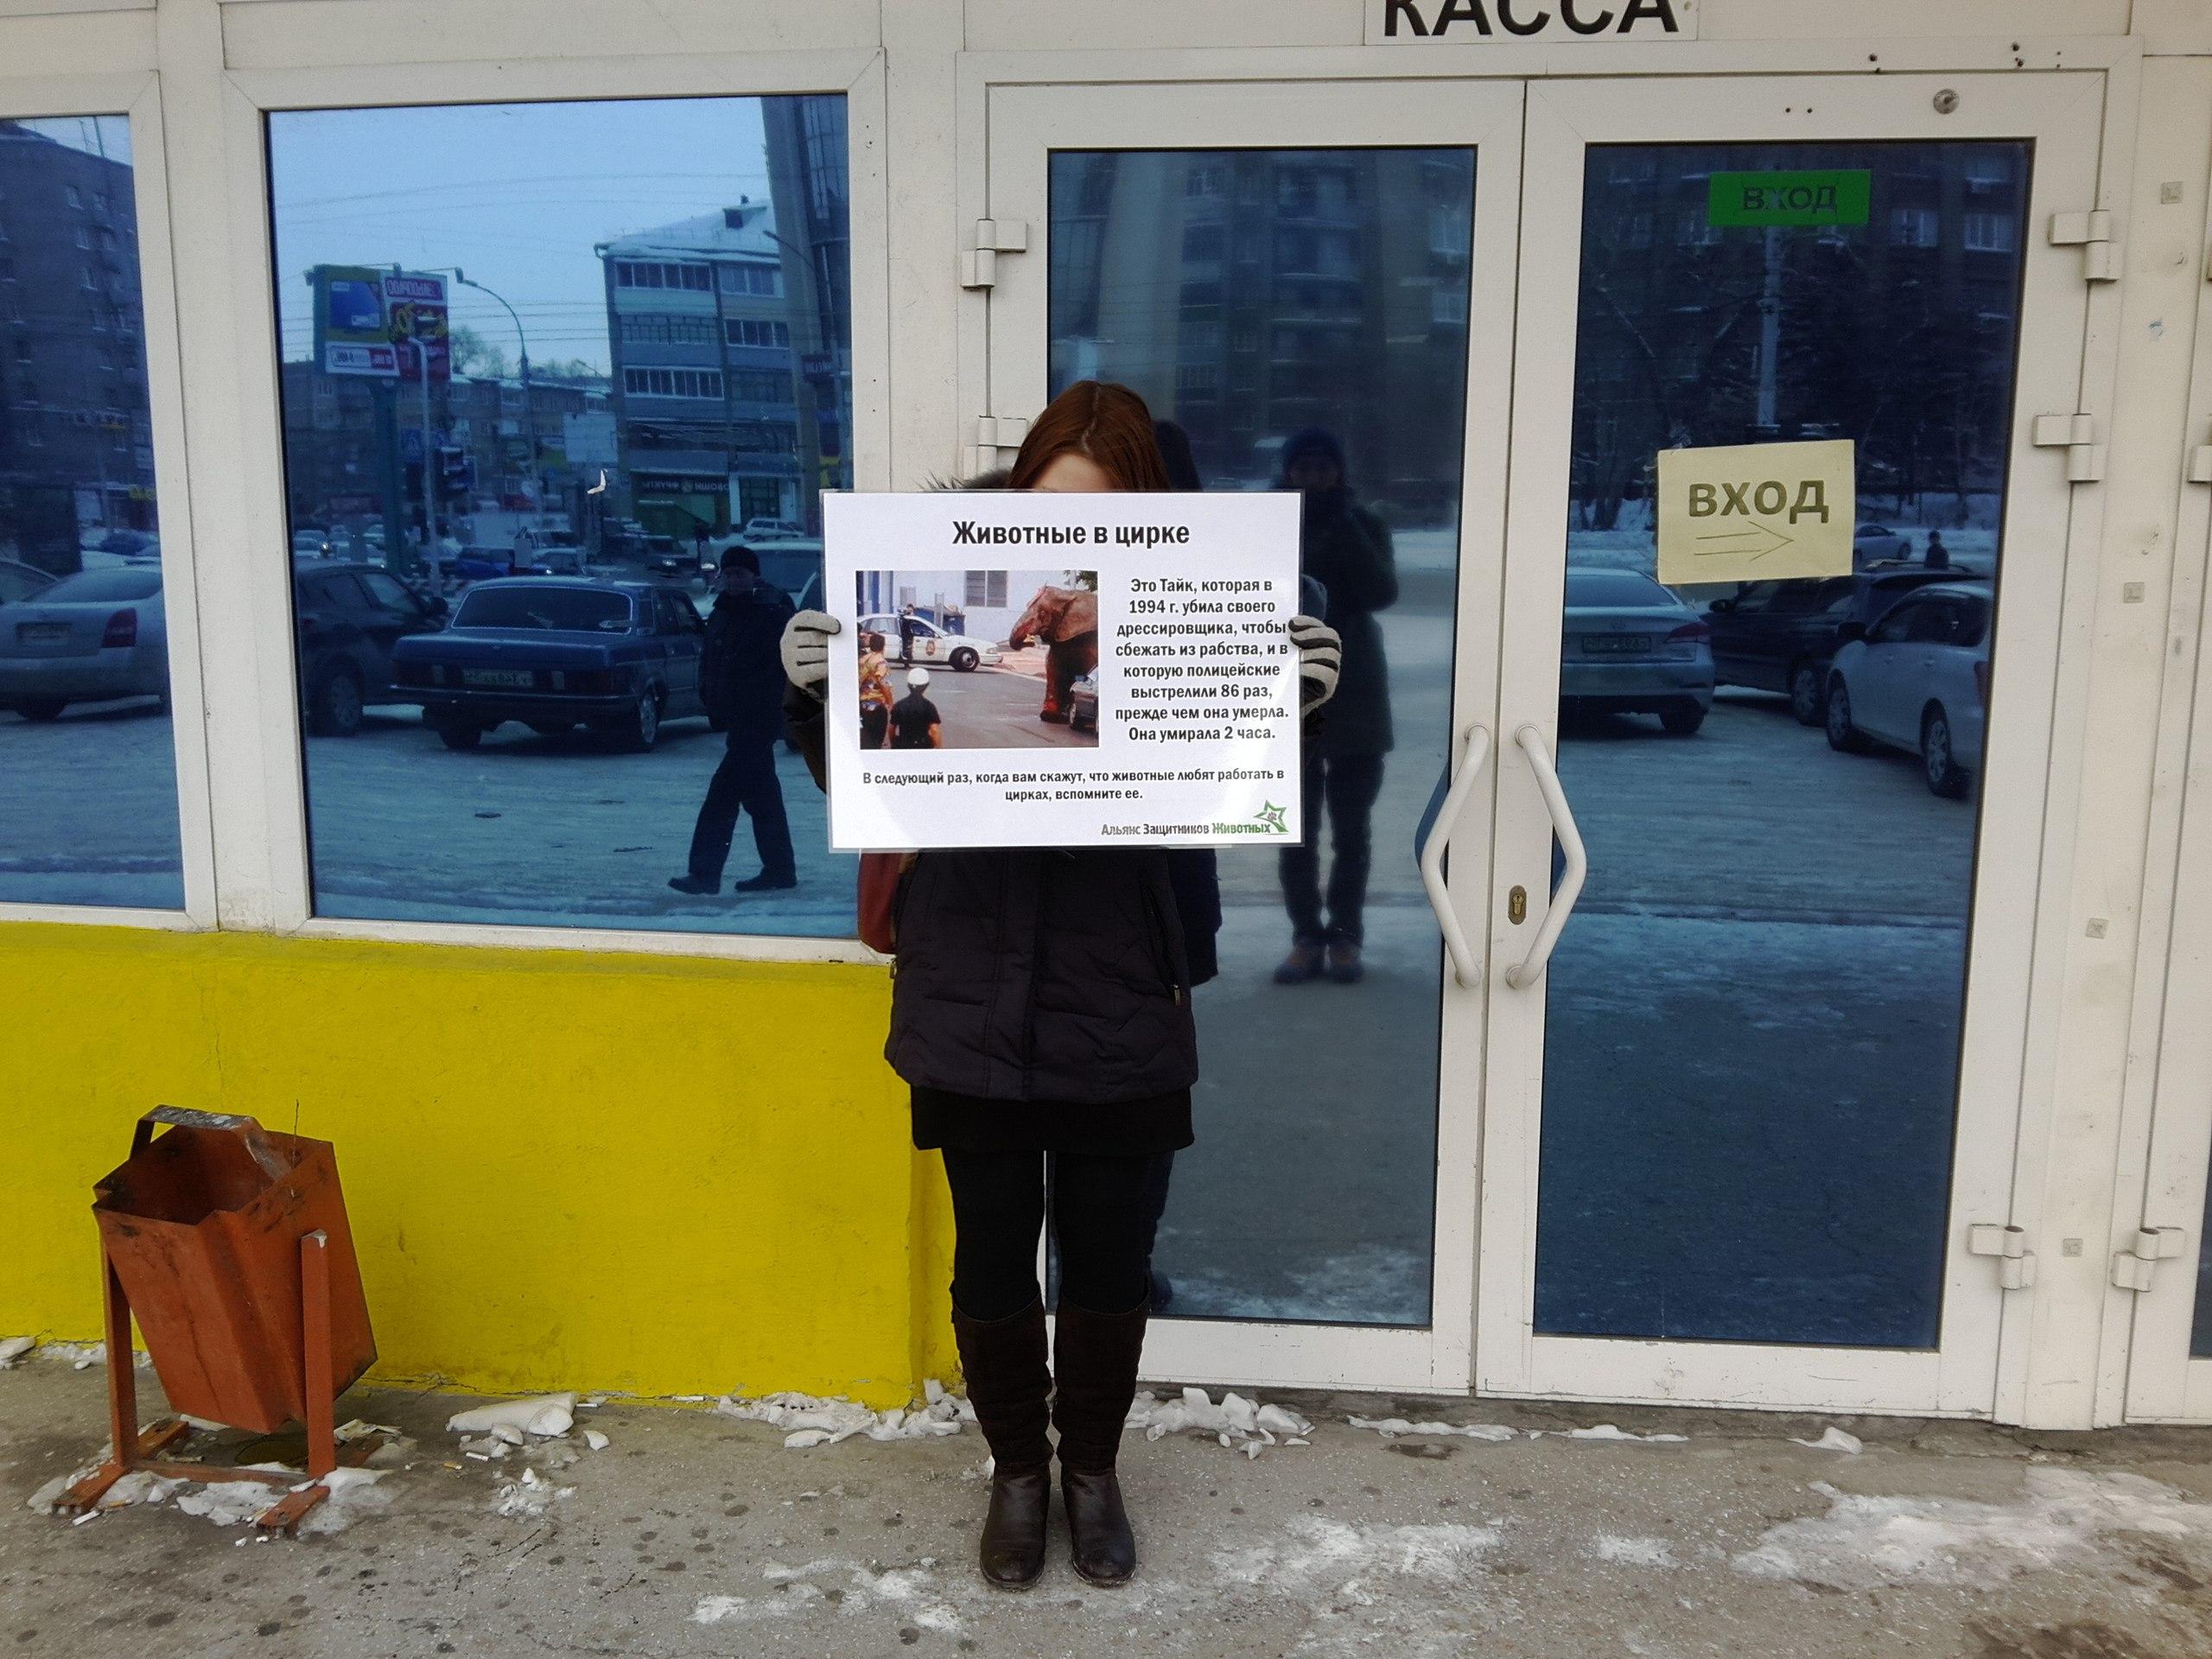 Одиночные пикеты против цирка в Новосибирске – 08.02.2014